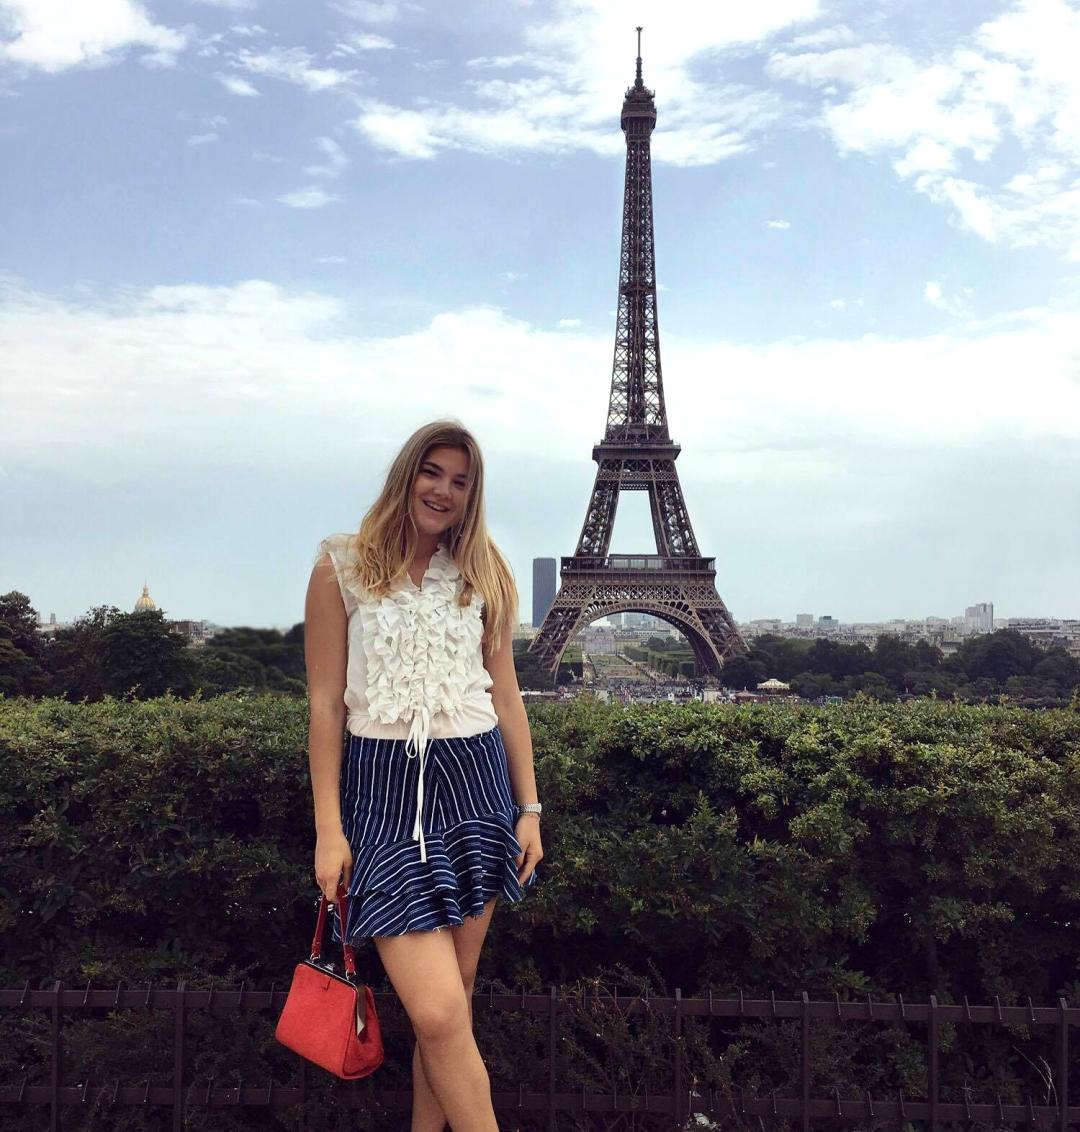 Tour Eiffel Paris, France